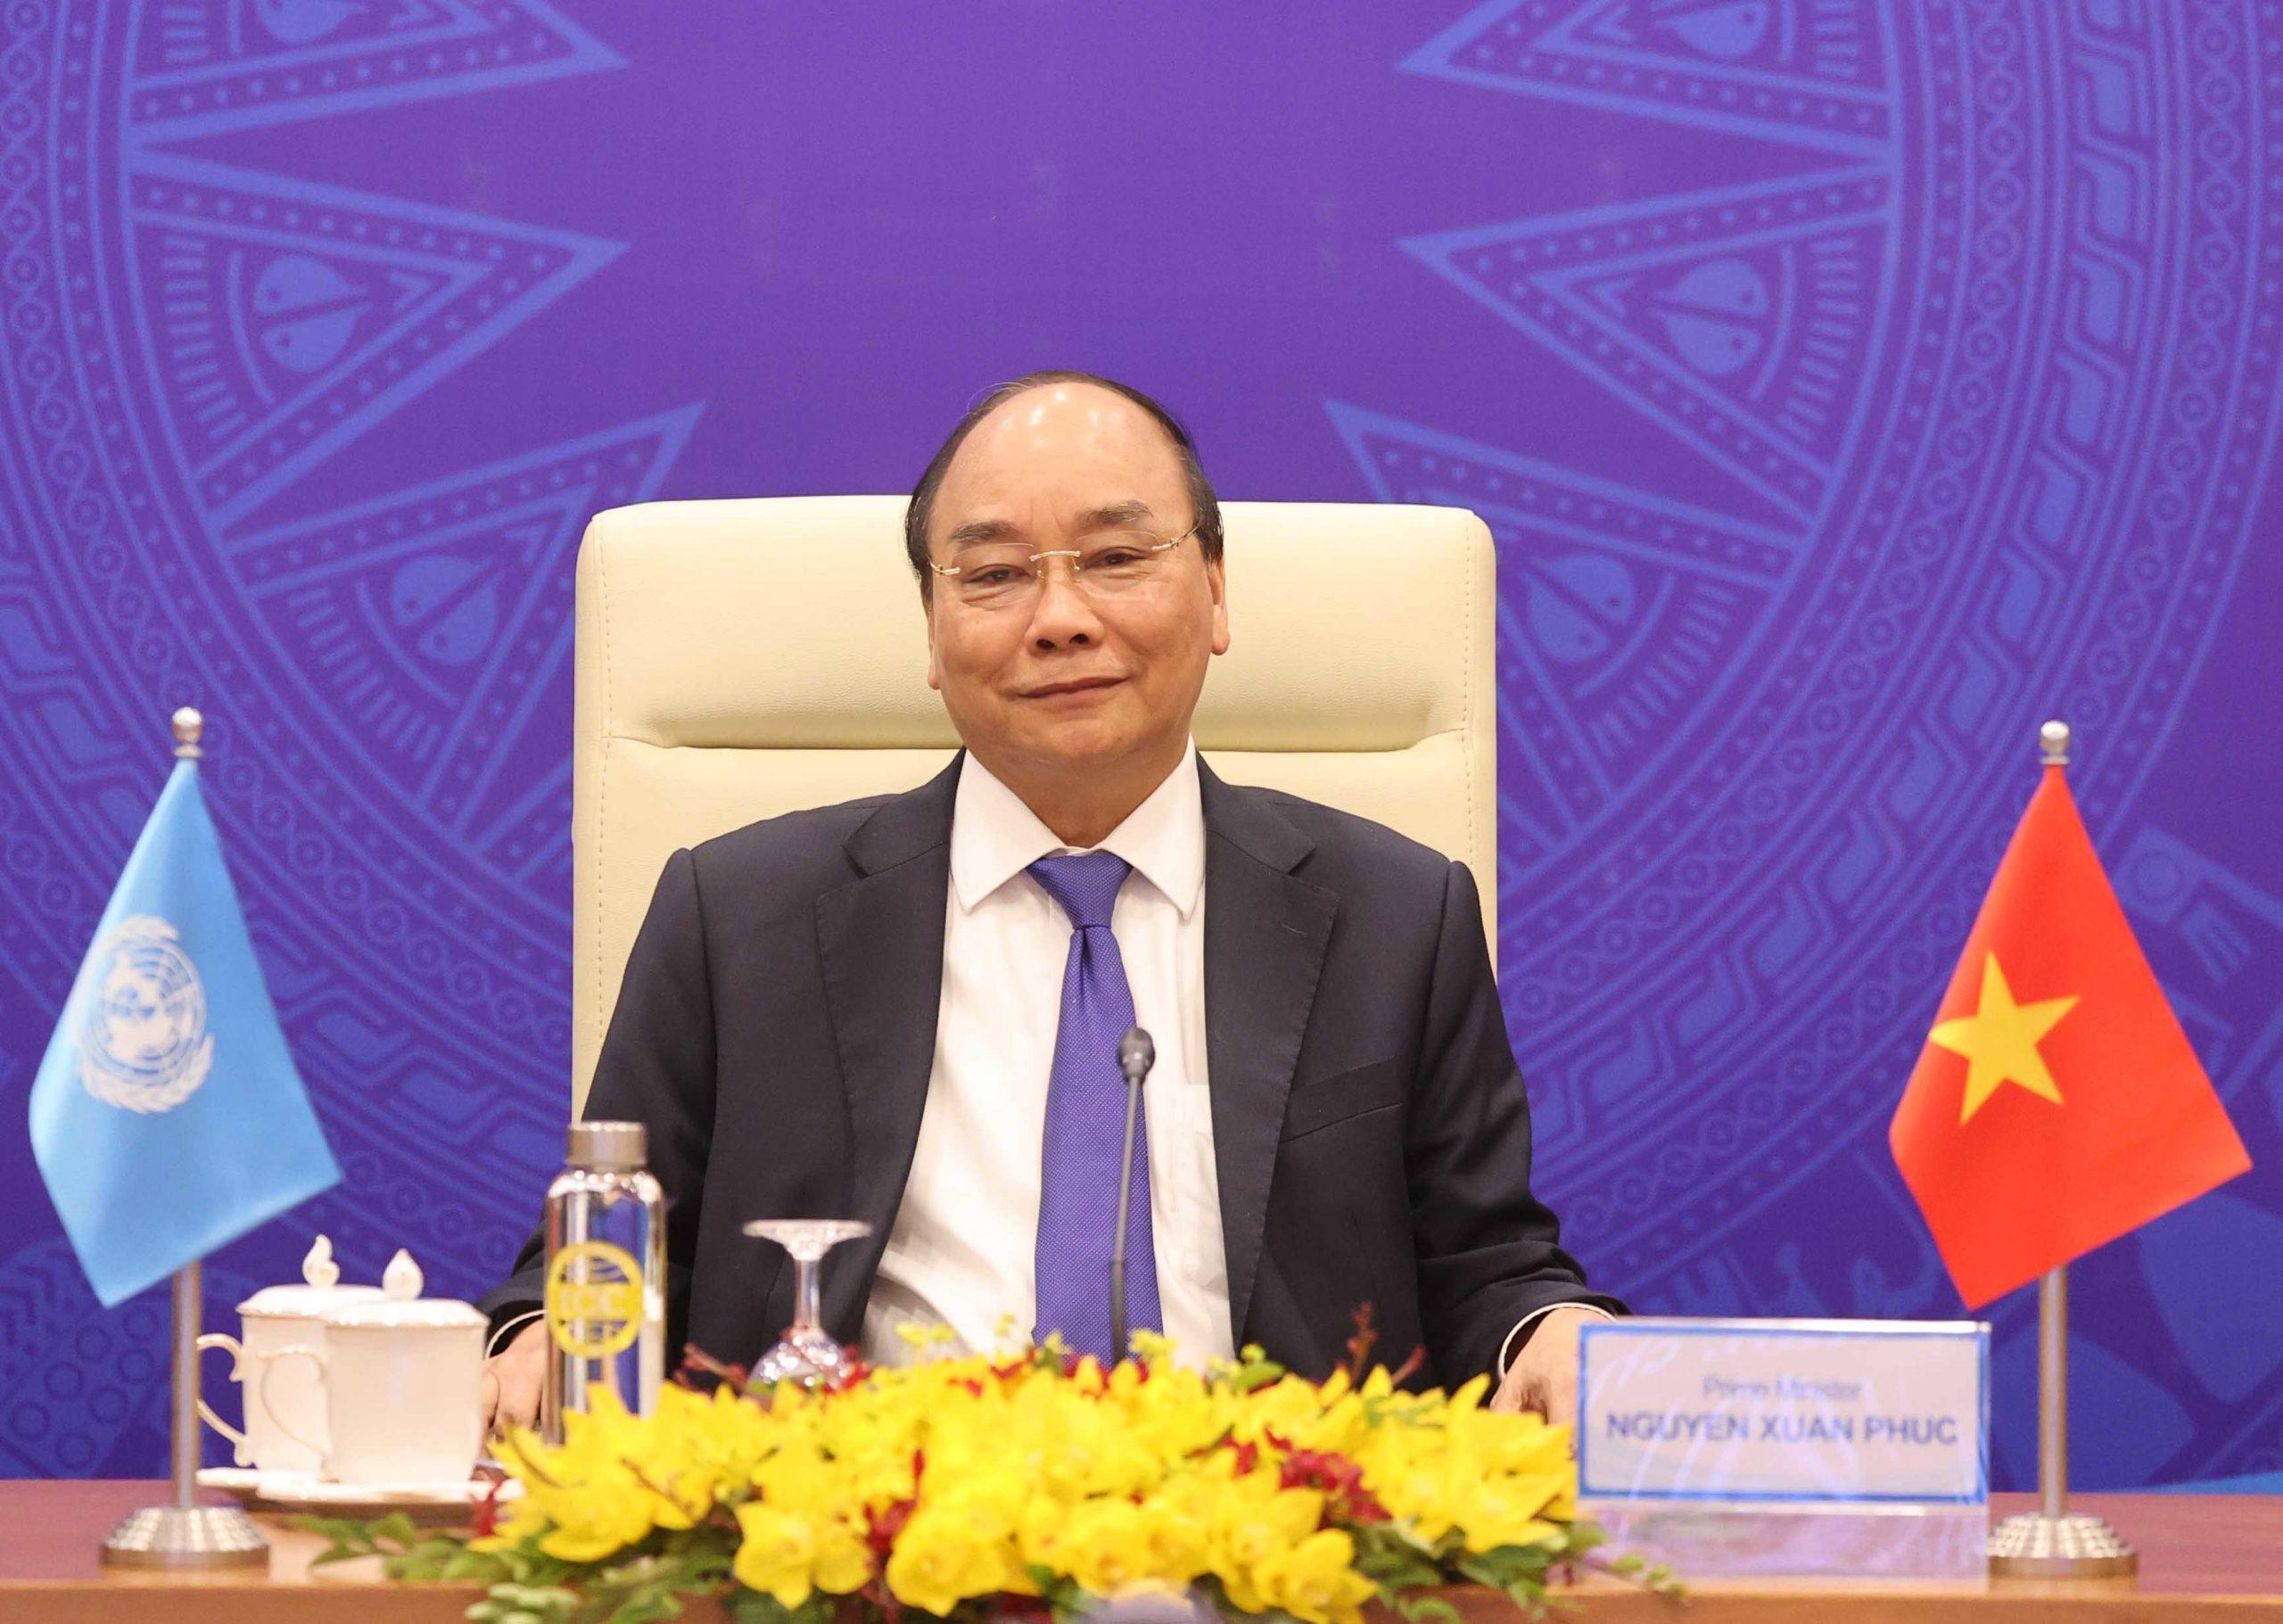 Thủ tướng CSVN đề nghị hội đồng bảo an Liên Hiệp Quốc loại bỏ chính trị cường quyền